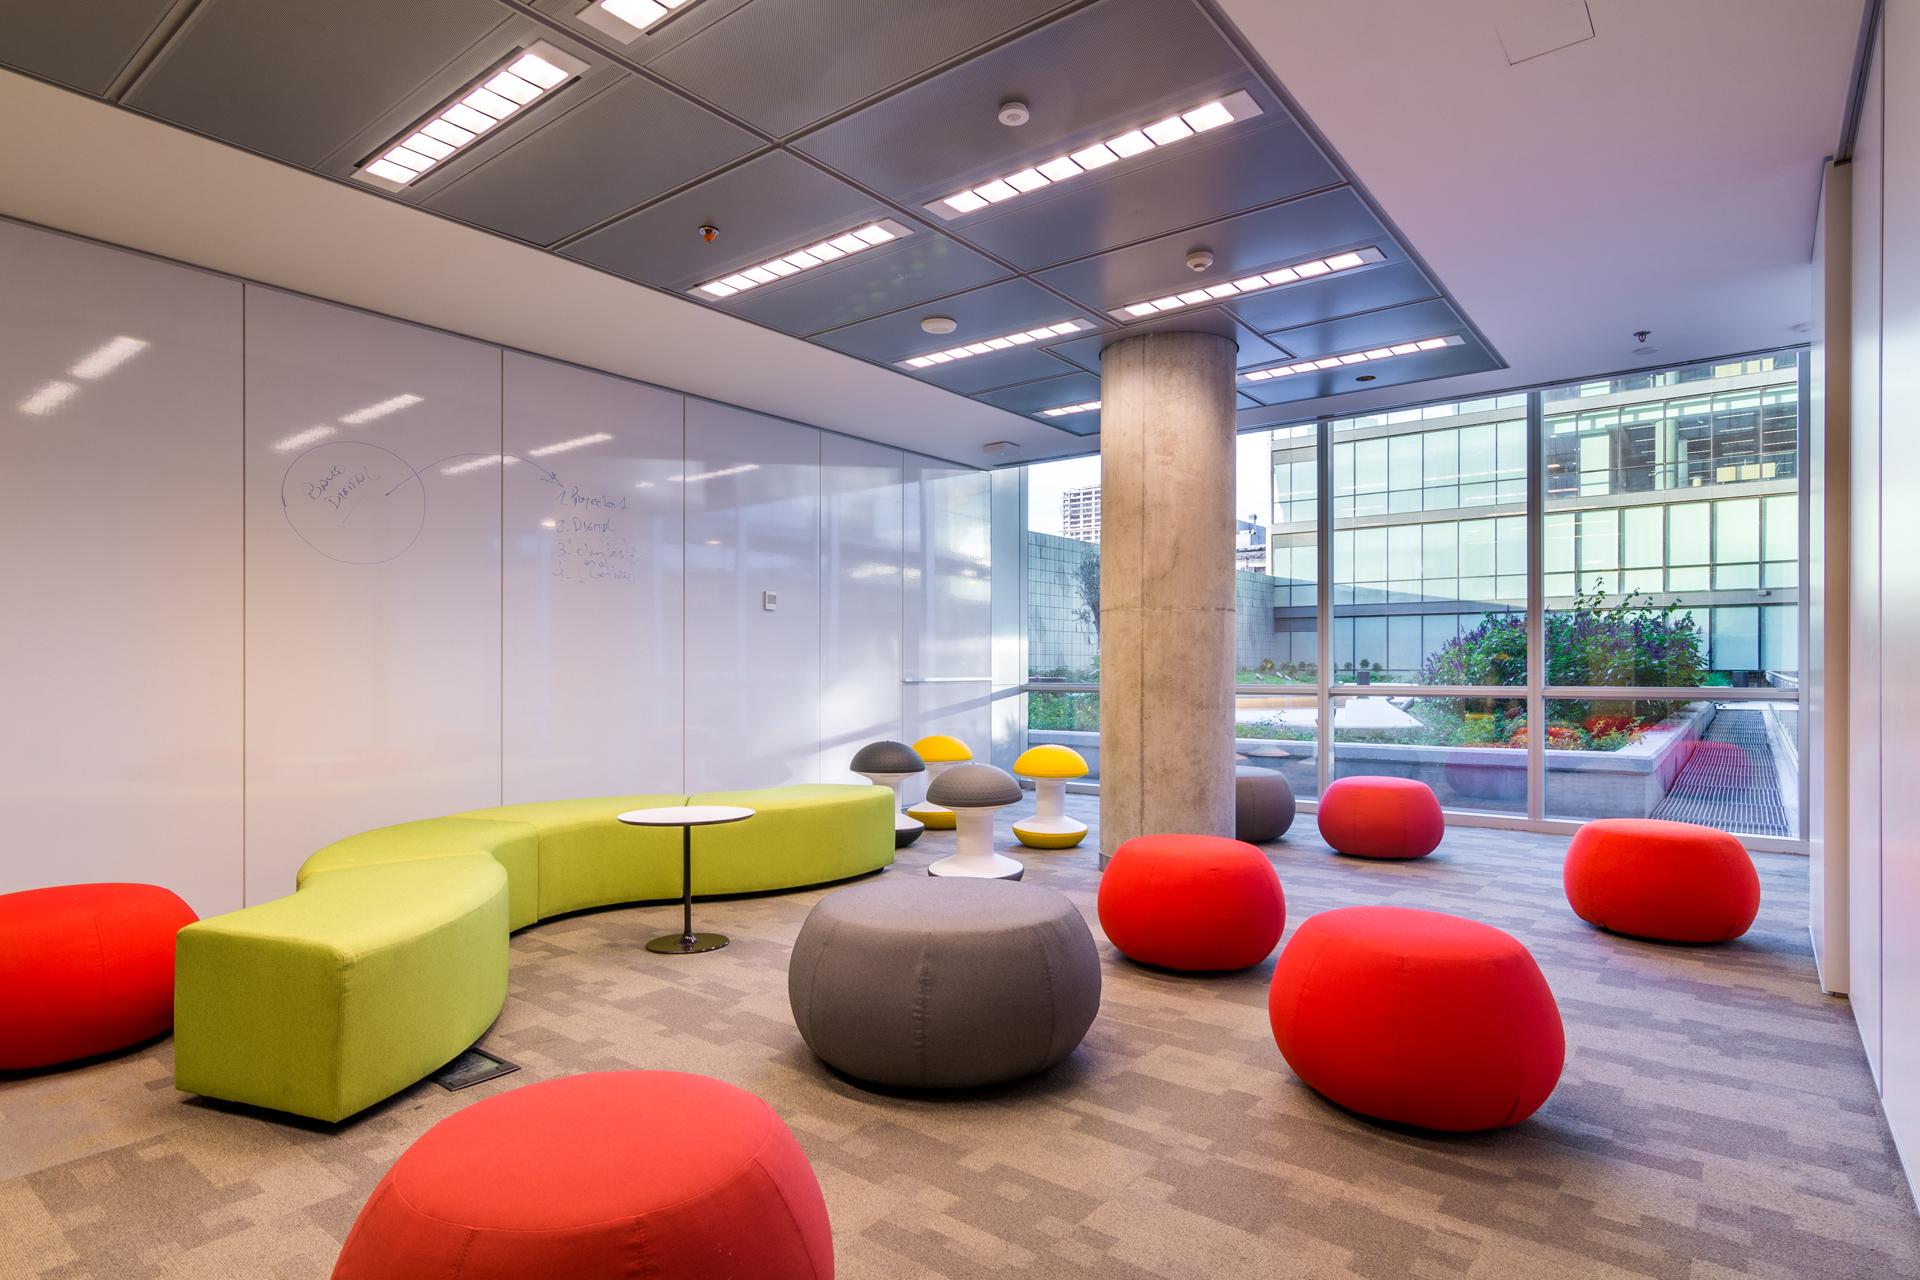 El edificio busca disminuir el consumo energético, mejorando las condiciones de espacios de trabajo, confort y productividad de los empleados.